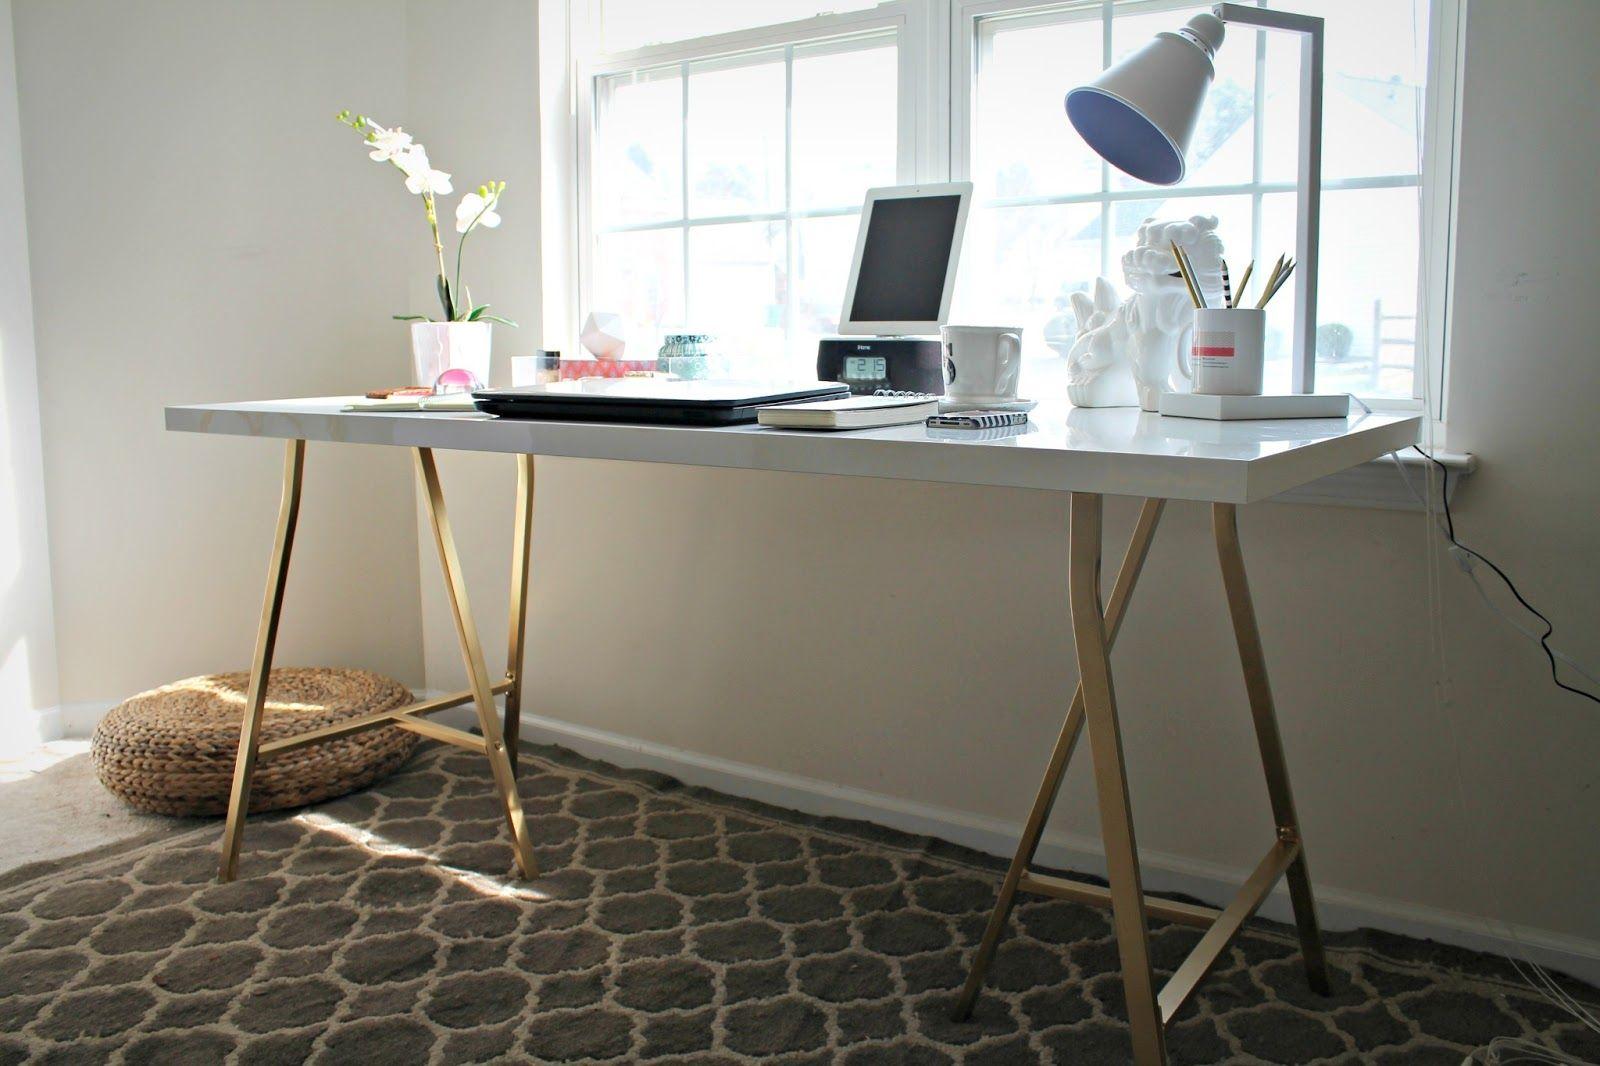 Burlap Lace Ikea Hack My Office Desk 55 Ikea Office Table Ikea Office Furniture Ikea Table Tops